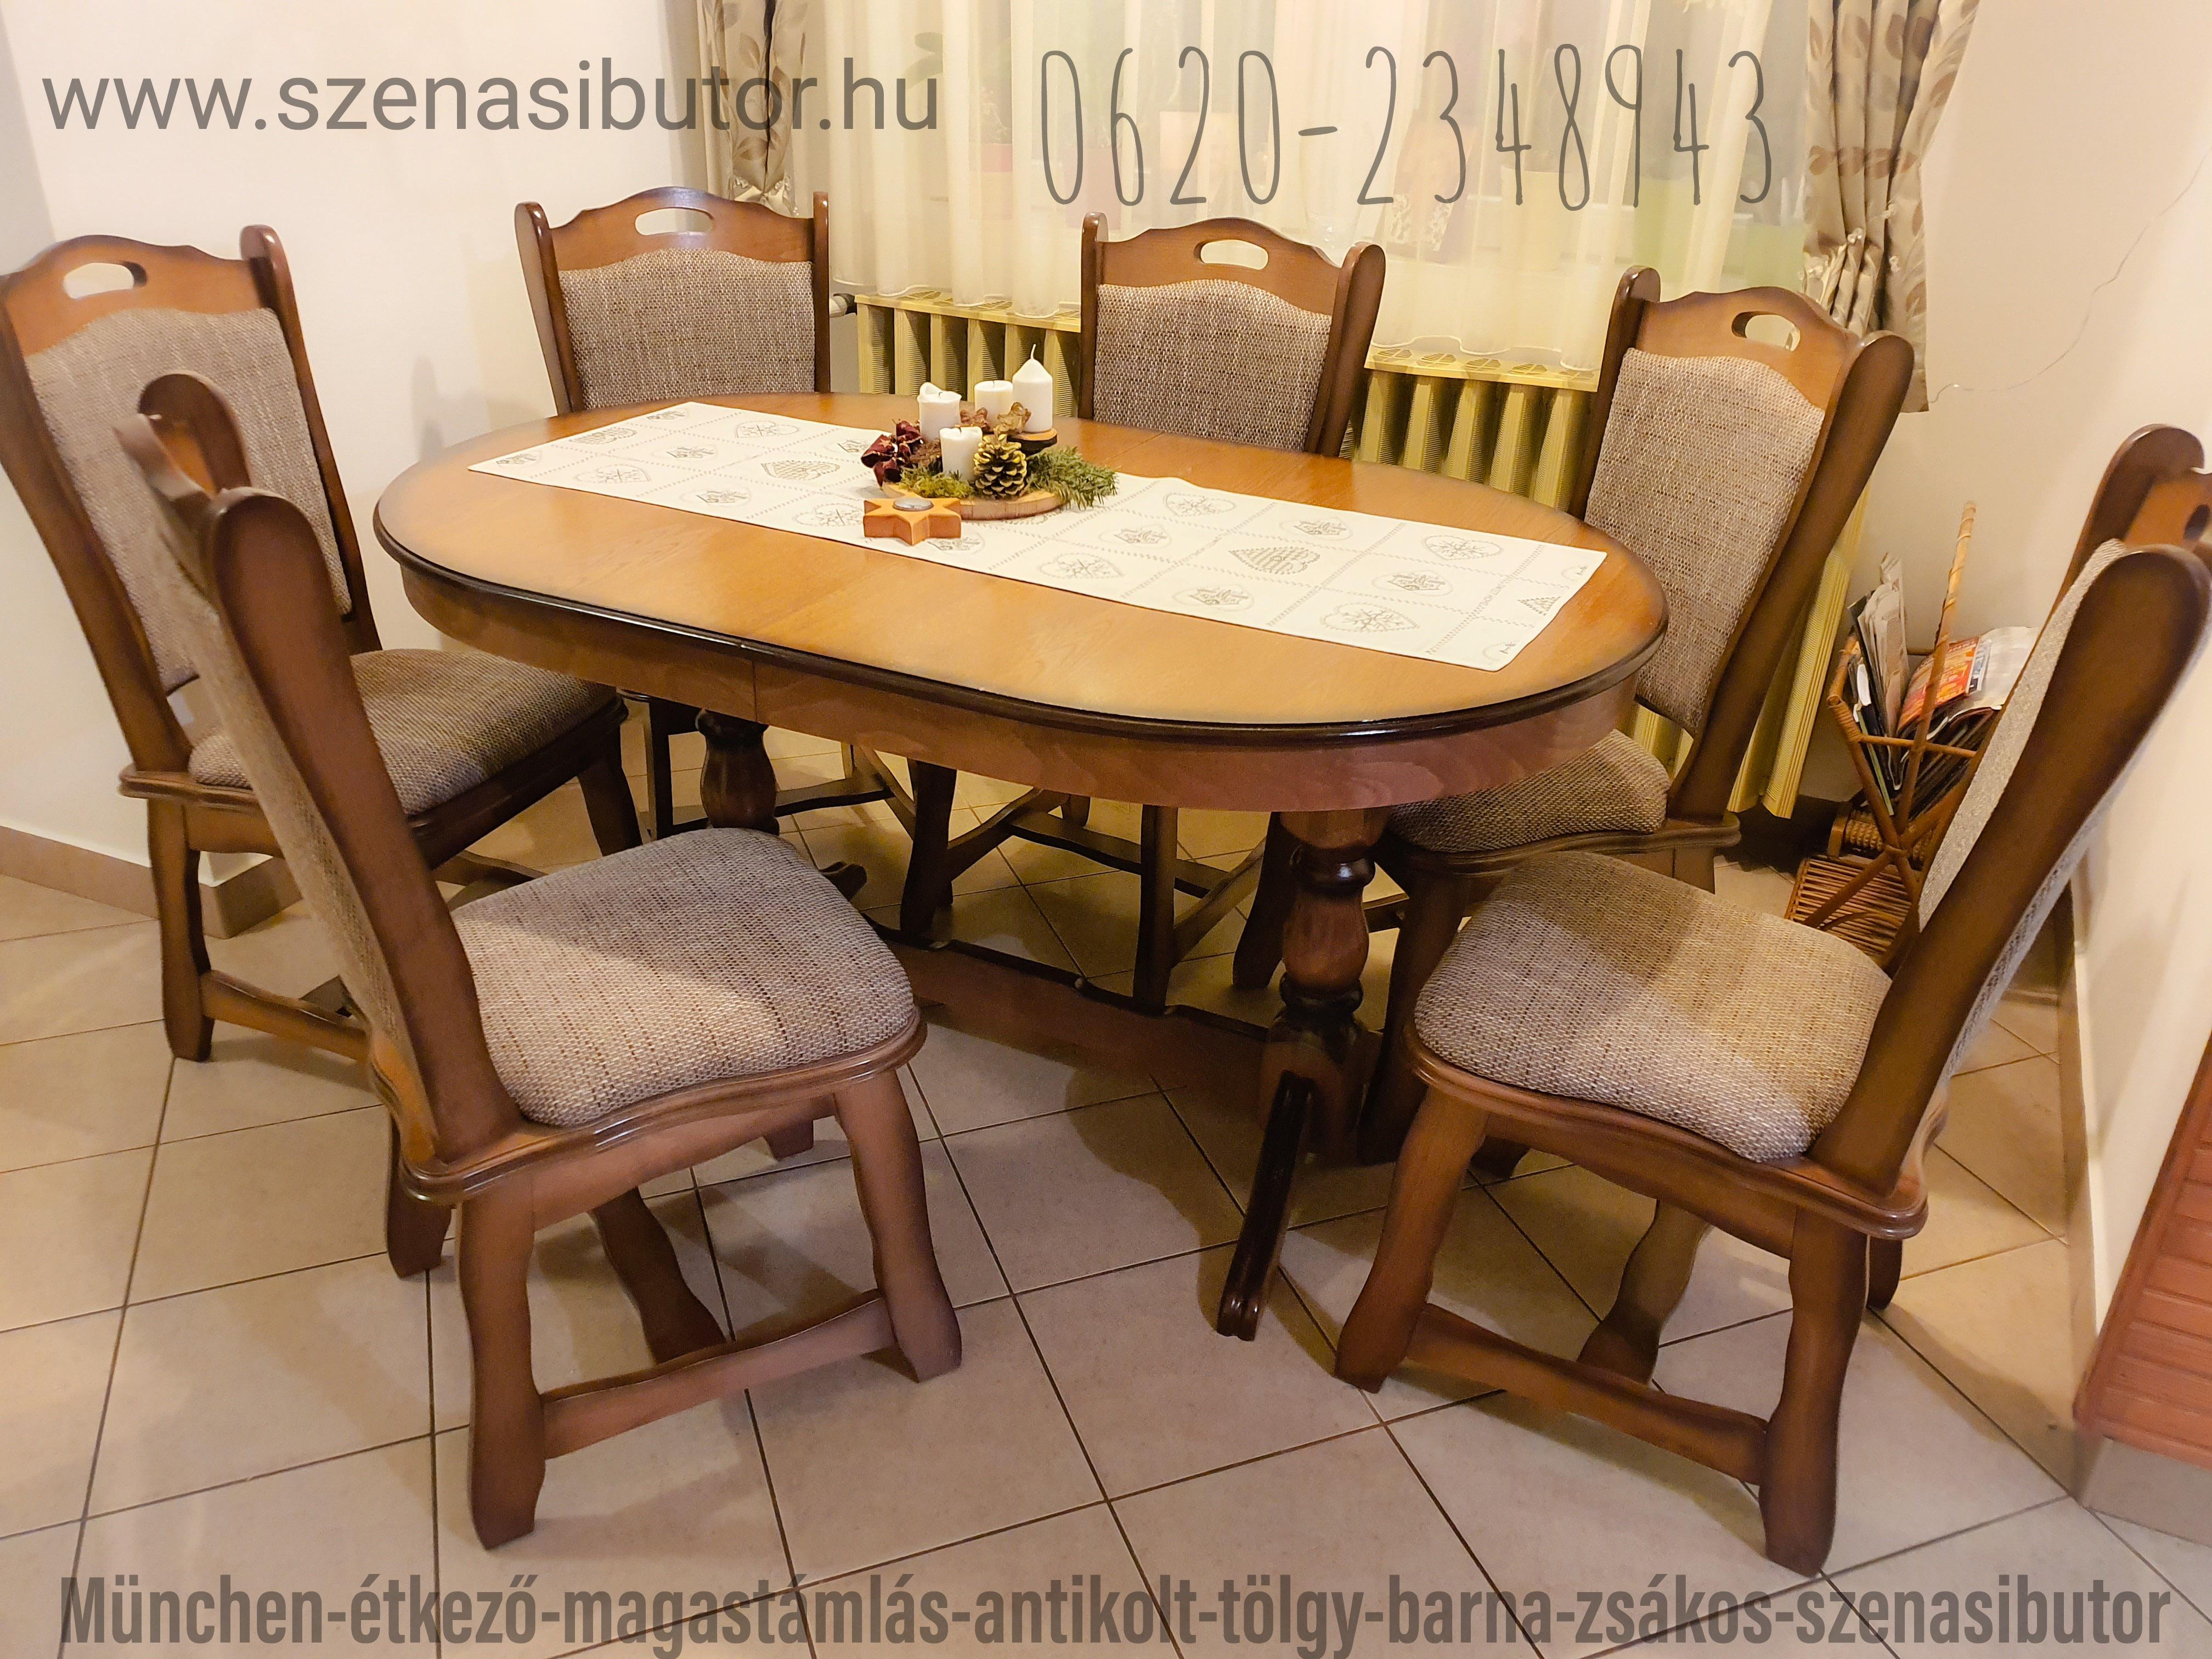 magas háttámlás tölgy székek